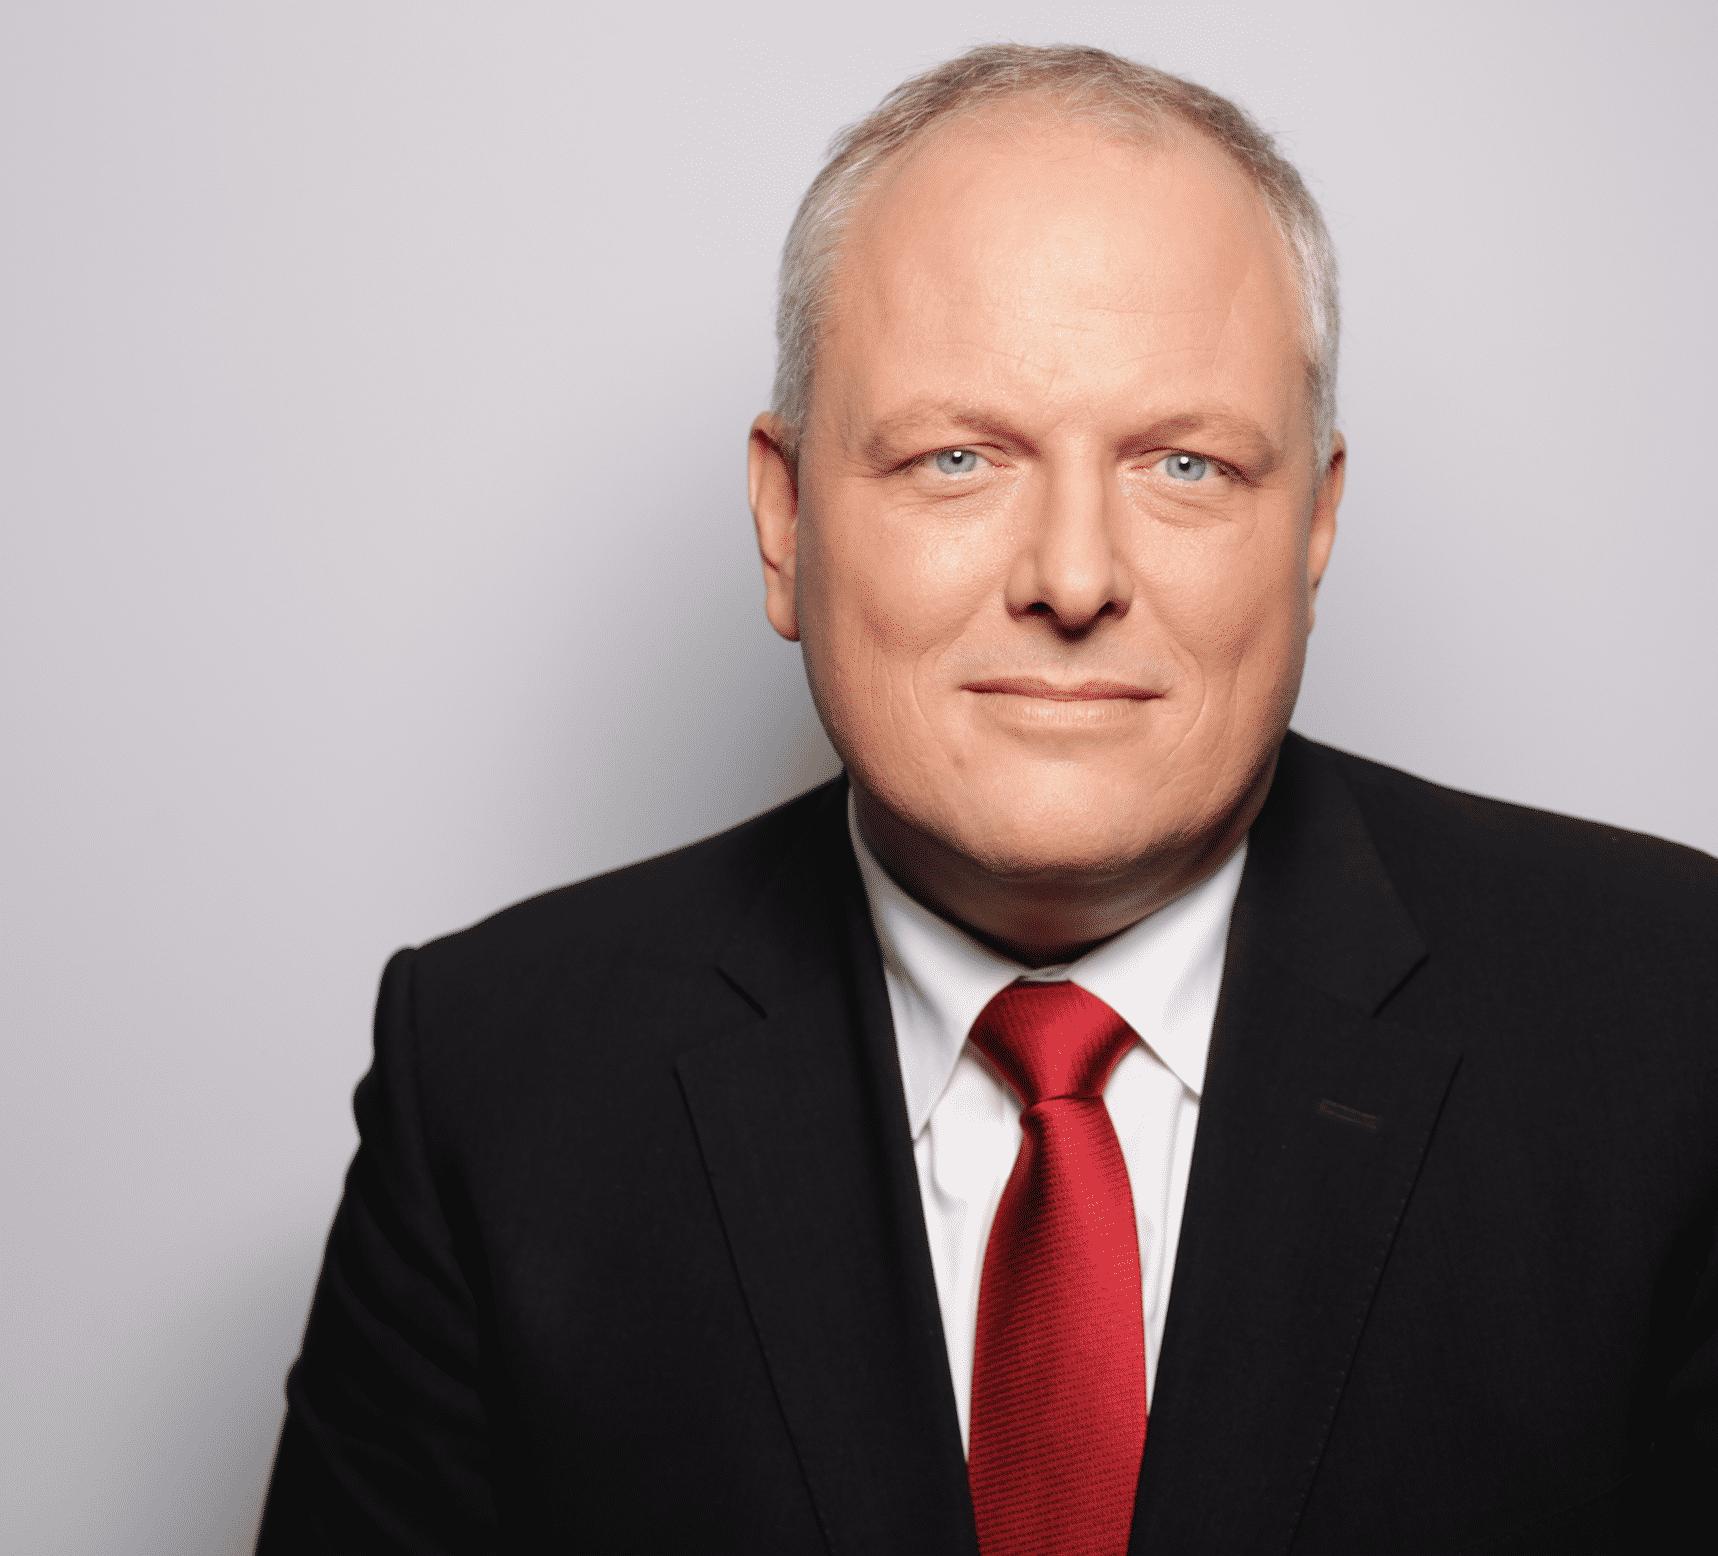 Ulrich Kelber, MdB